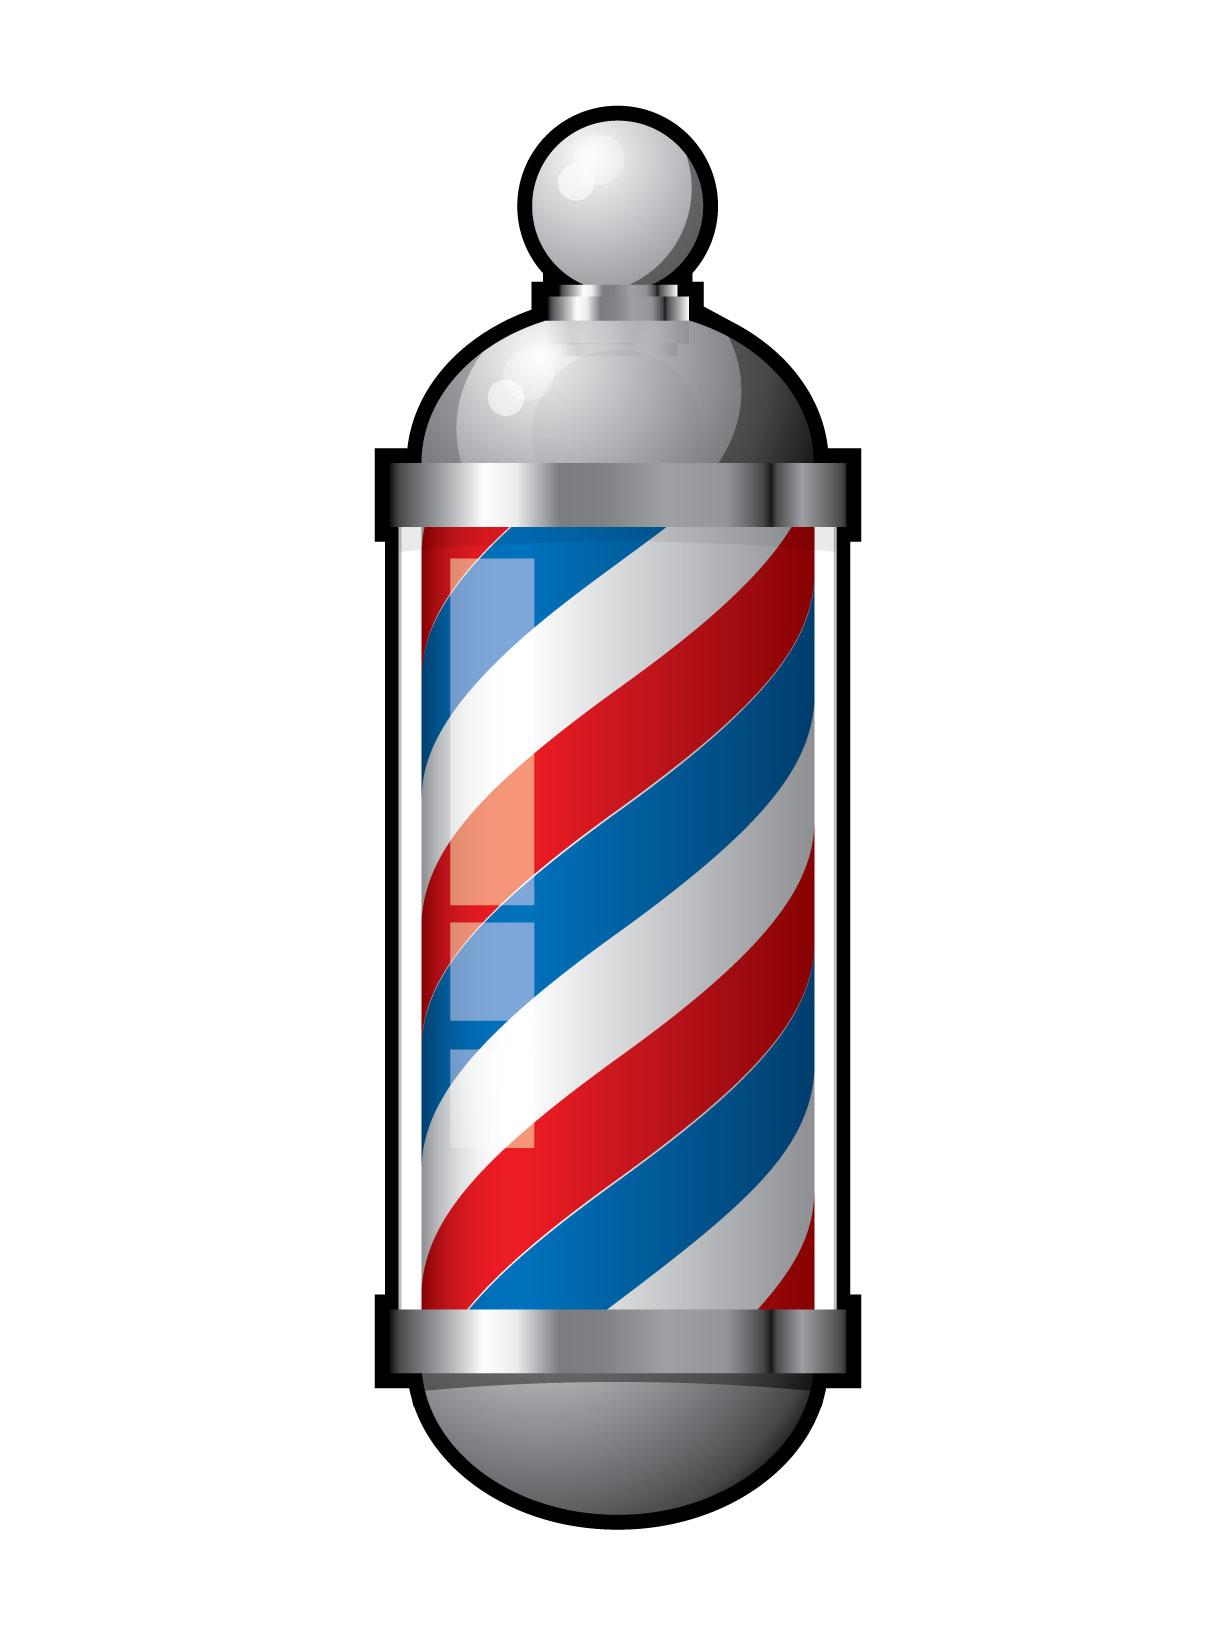 Download Free png Barbershop Vector Lampu Graphic